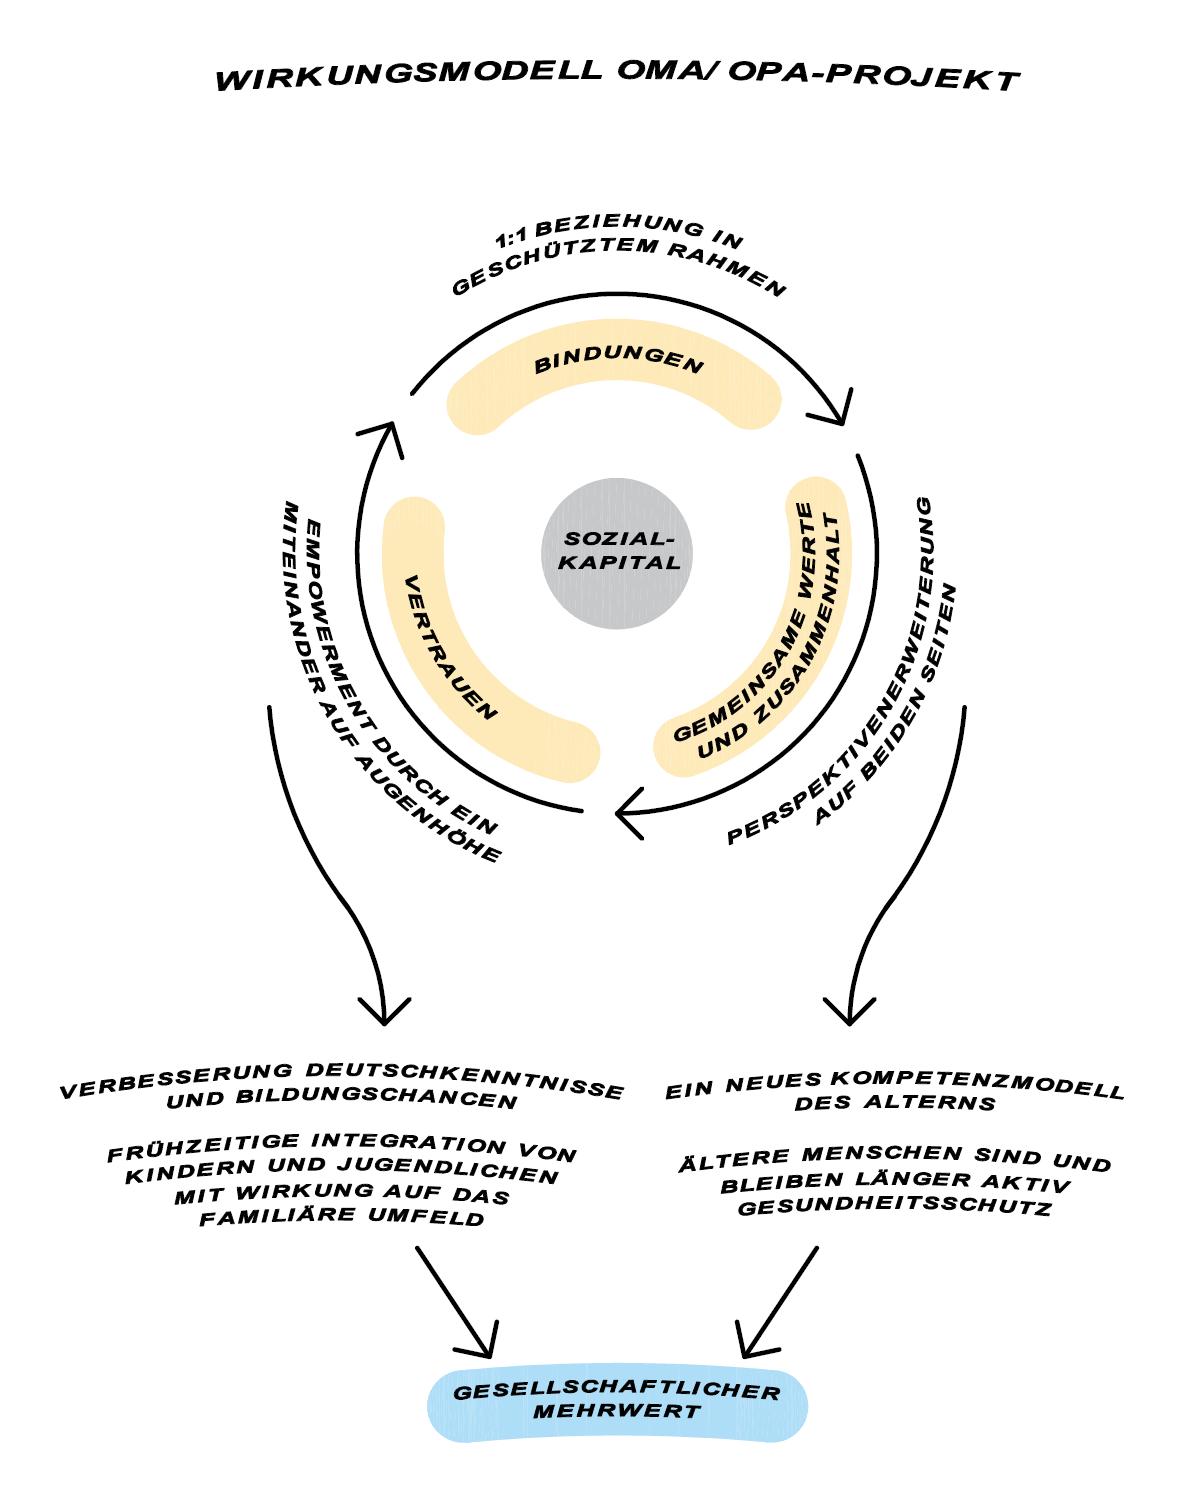 Hagen 2020, Seite 14. Lernen ist Beziehung: Evaluation zum Sozialkapital und zur Wirkkraft des OMA/OPA-Projekts.